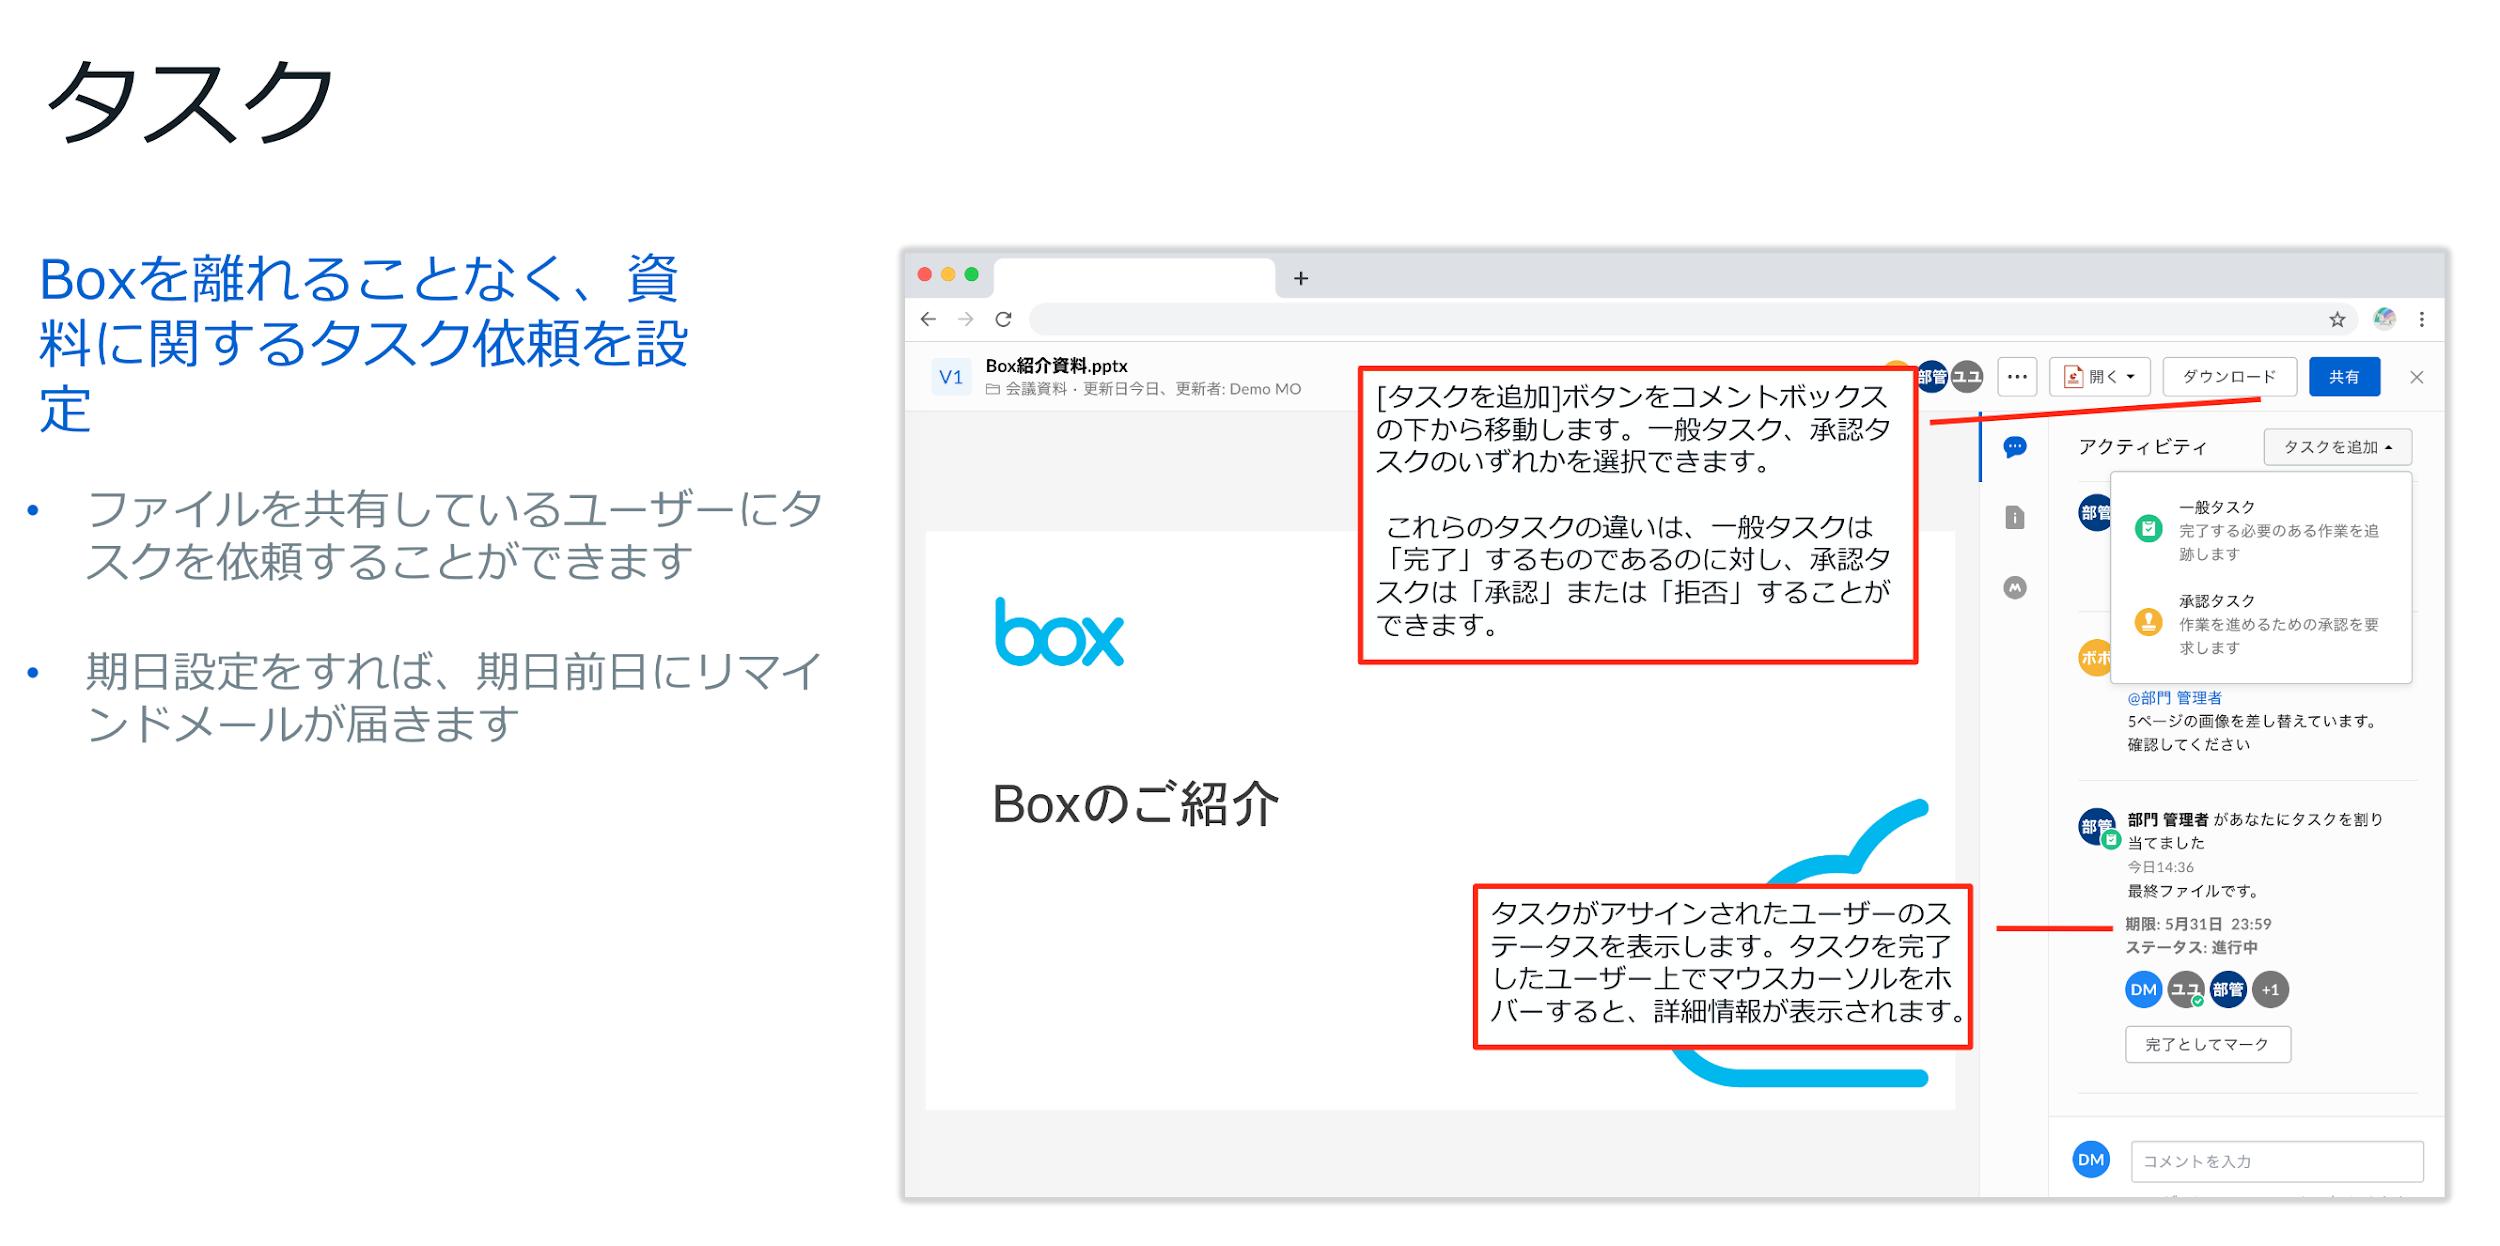 BJCC第12回Meetup開催レポート: 「ファイル保管庫」として使うだけではもったいない——レビューもワークフローもこなせる「Box」の潜在能力を解放せよ 03